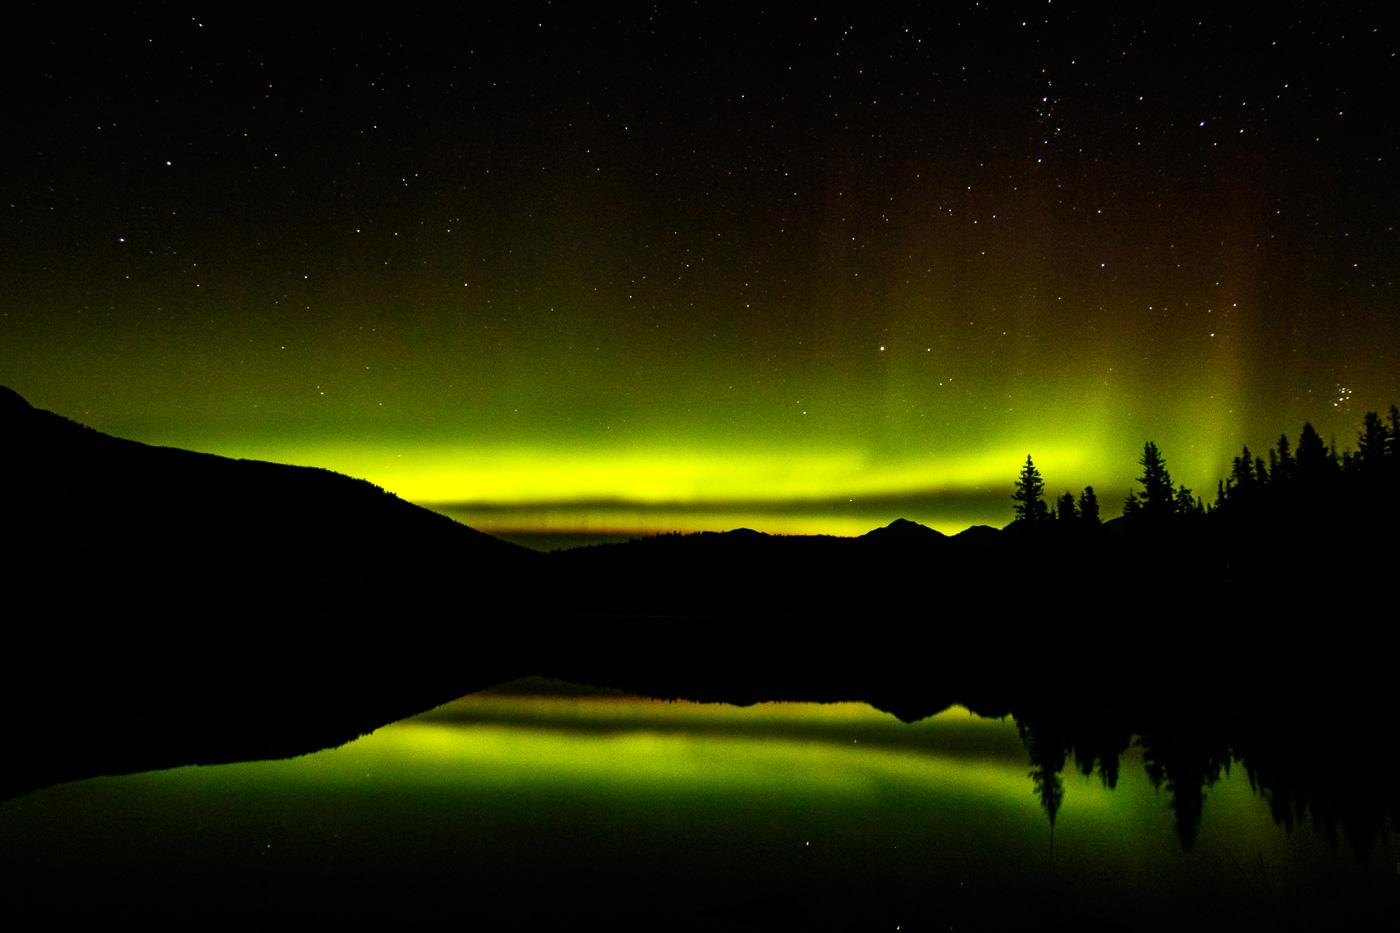 Northern lights at Pyramid Lake - Paisatges de Nord-Amèrica - Raül Carmona - Fotografia, Fotografia d'estudi, esdeveniments i Natura